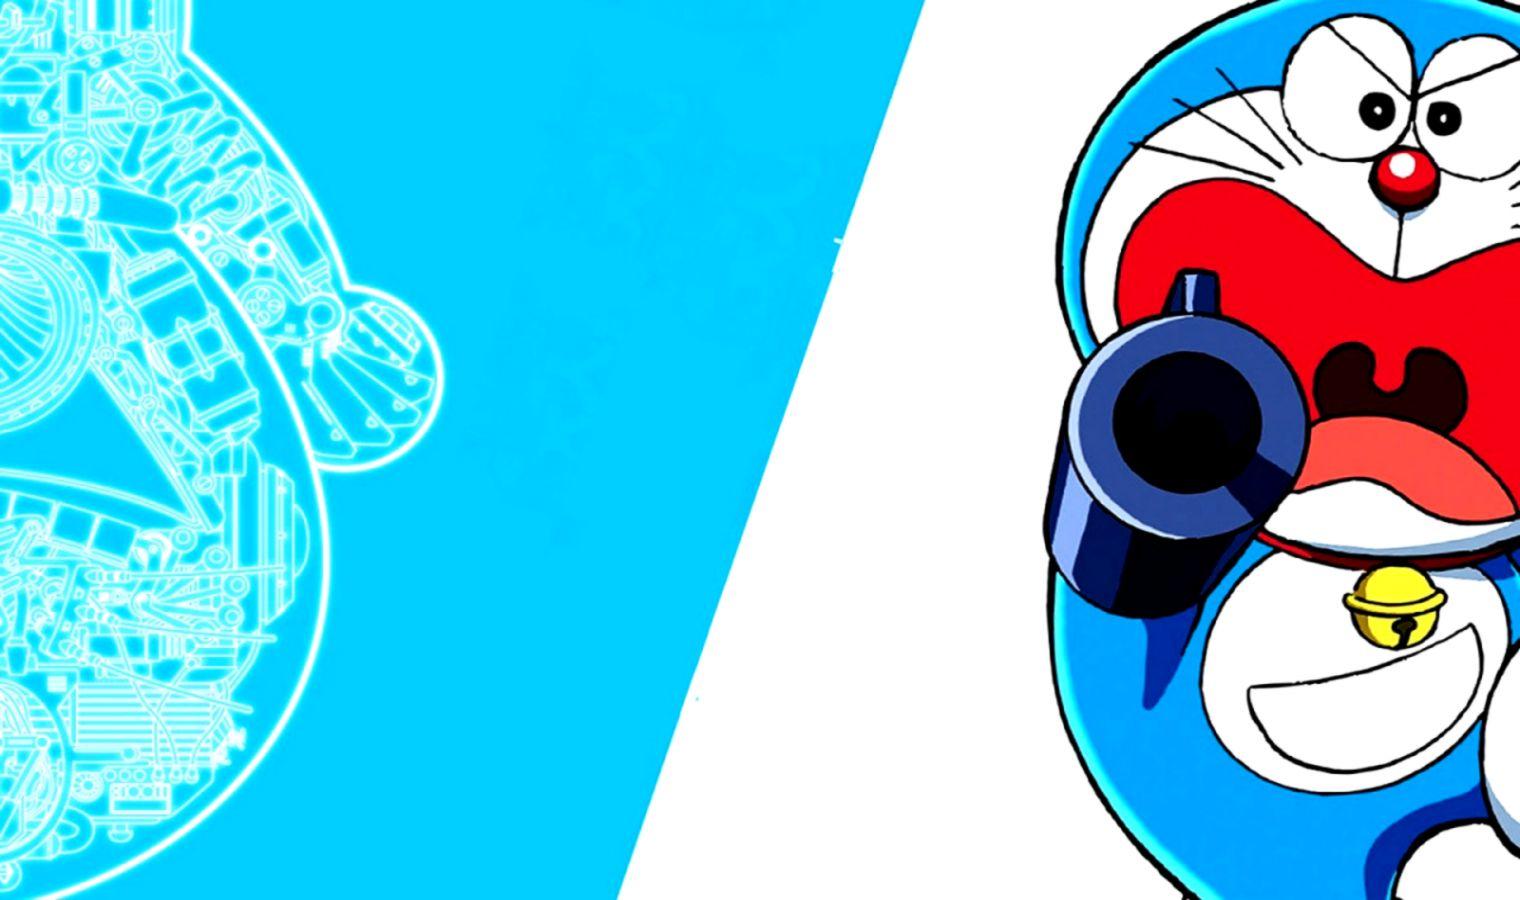 Doraemon And Friend Wallpaper Image WallpaperLepi DORAEMON